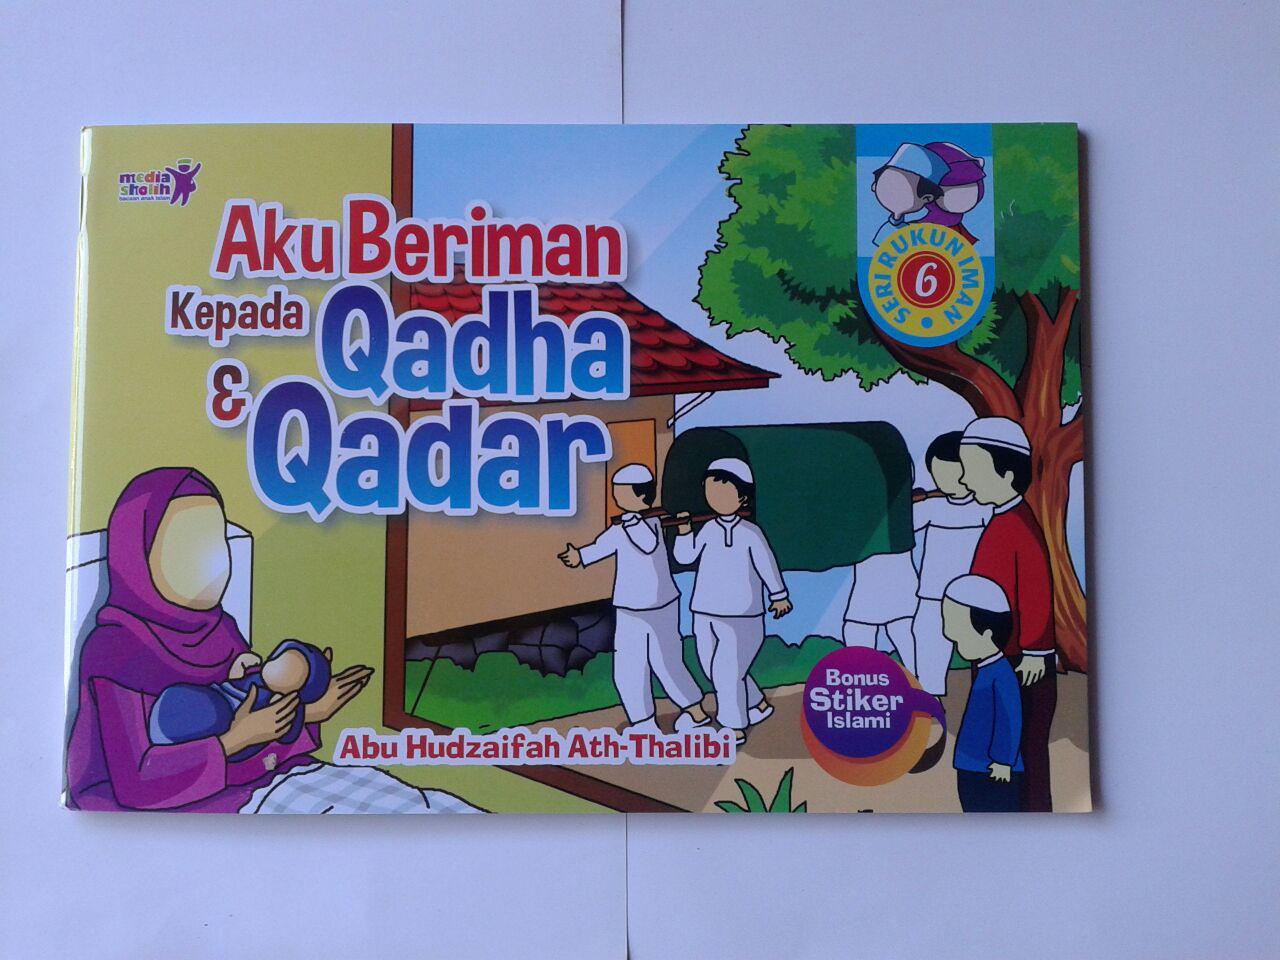 Buku Anak Aku Beriman Kepada Qadha Dan Qadar cover